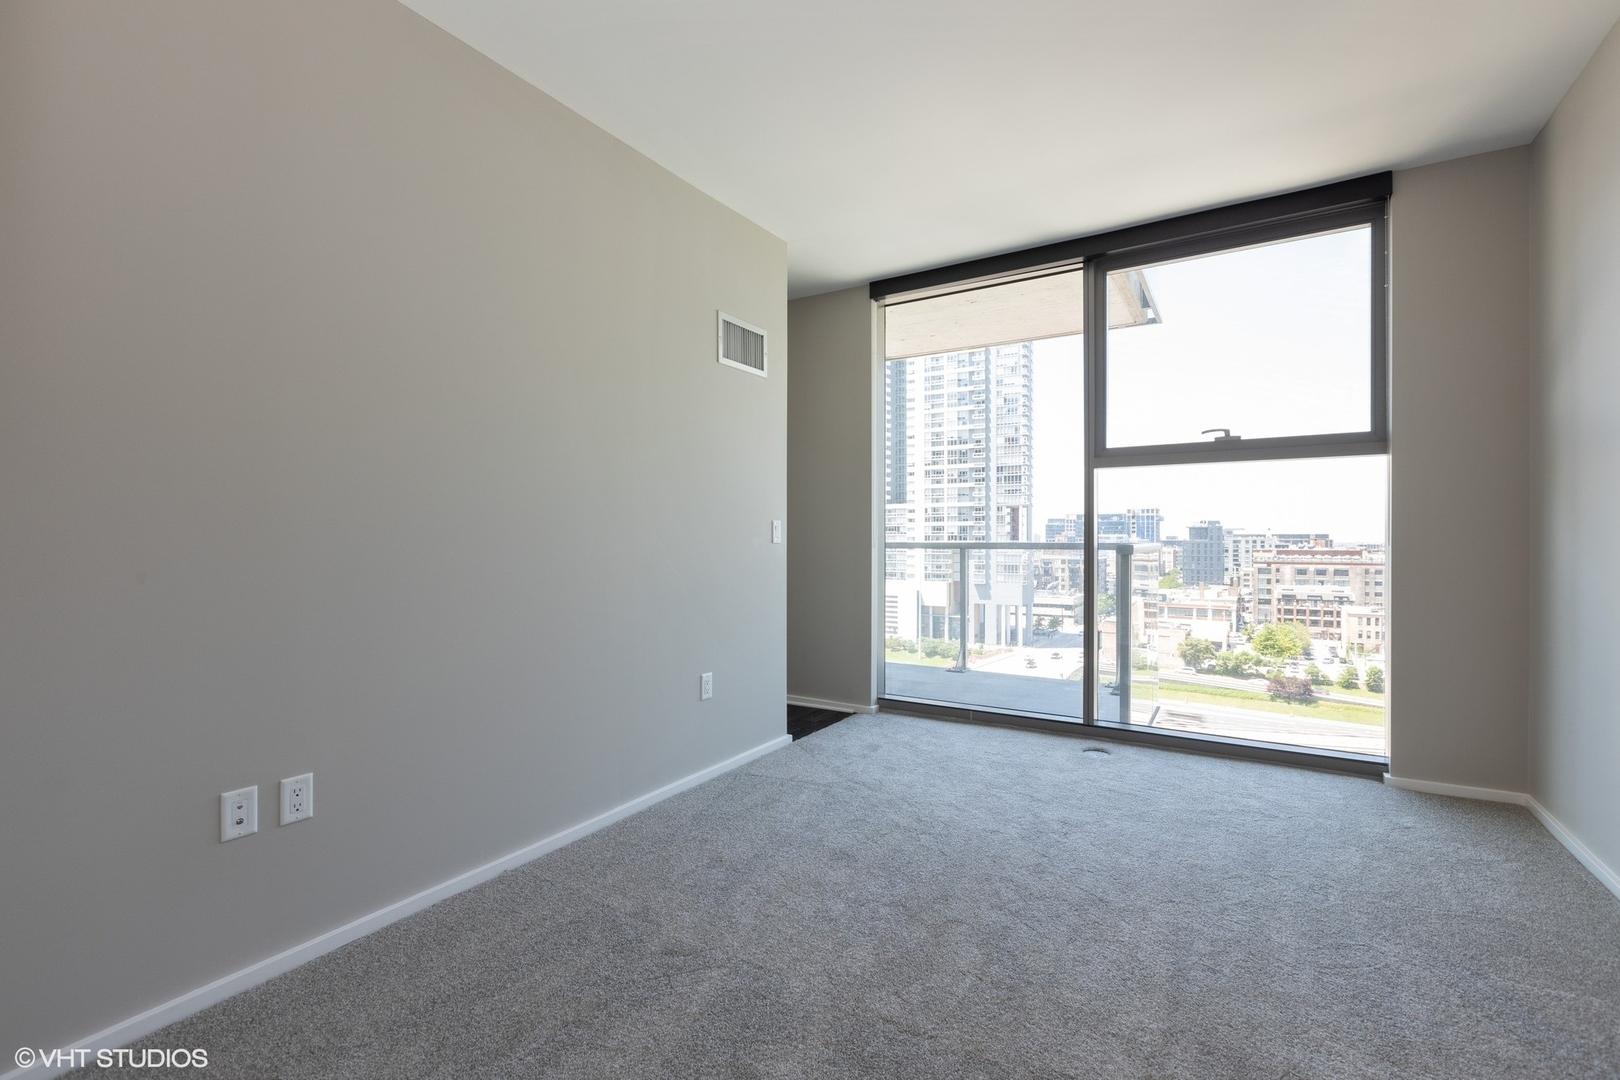 123 N Des Plaines St apartments for rent at AptAmigo